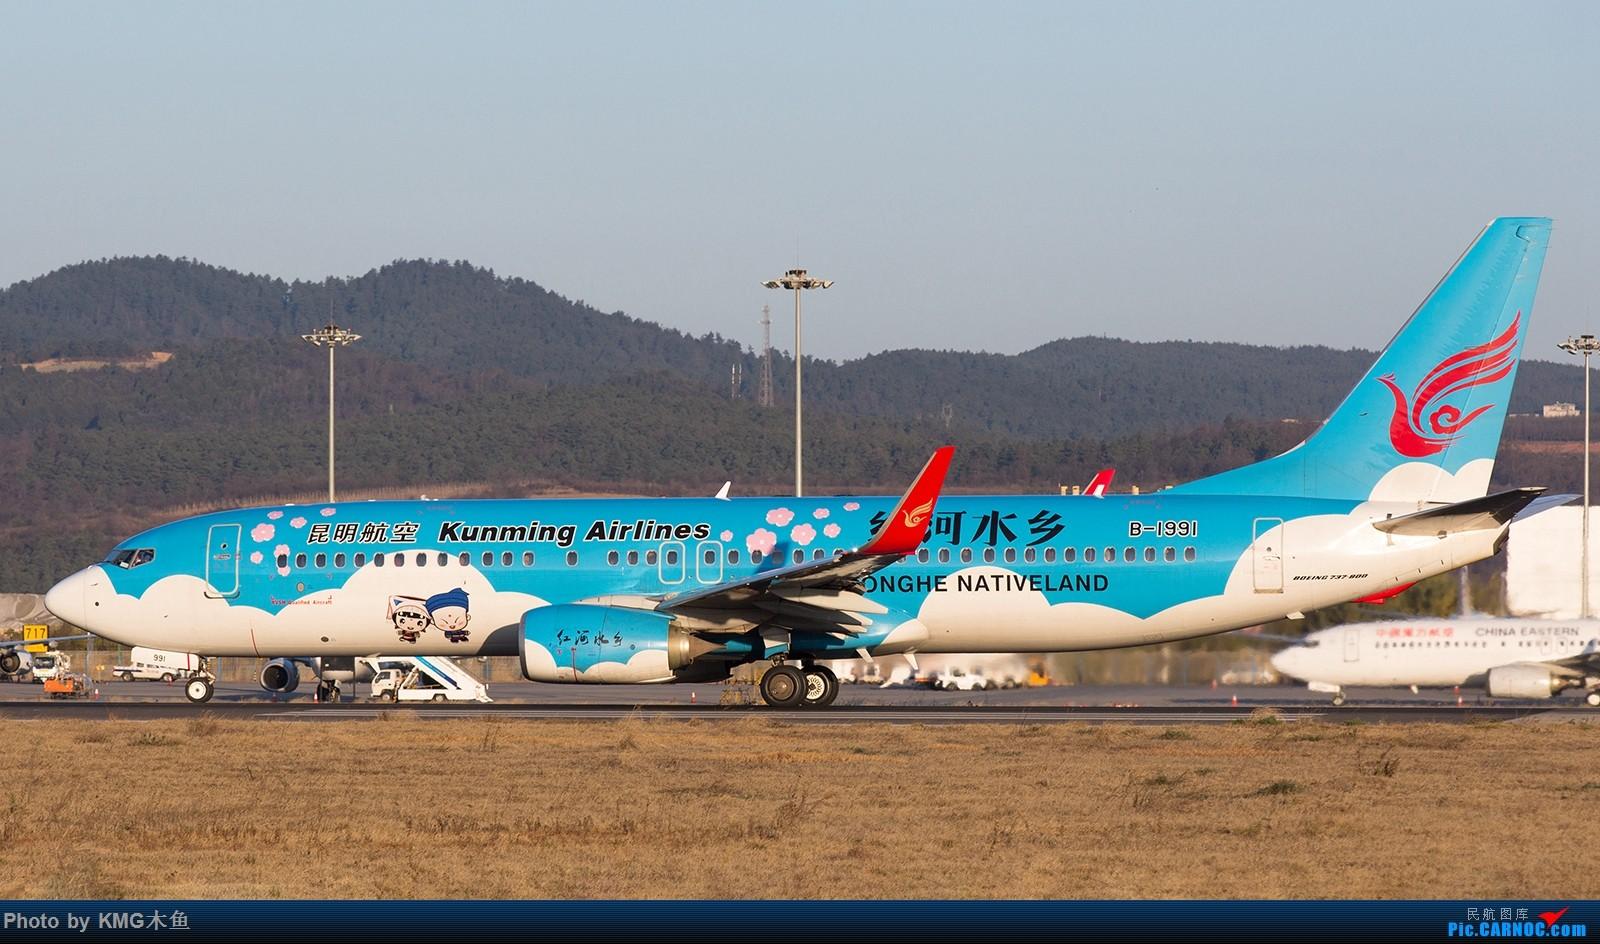 Re:[原创]【昆明长水国际机场——KMG木鱼】时隔好长时间,没有发图了。这次1600高清大图送上    中国昆明长水国际机场